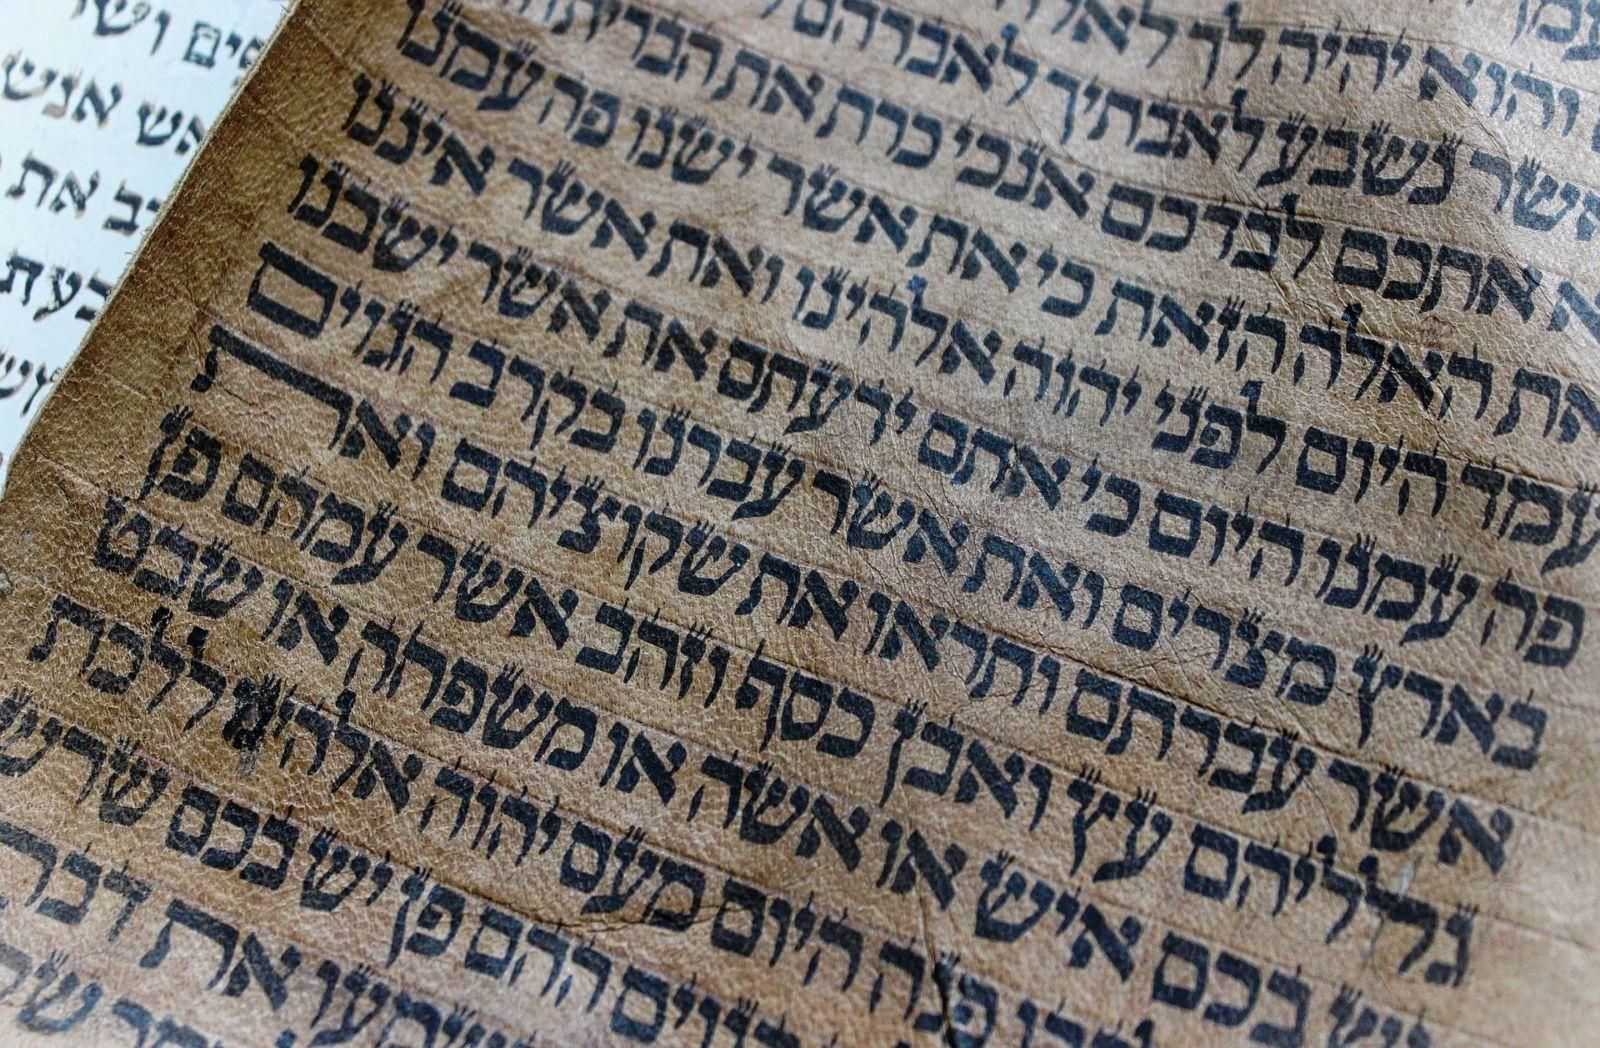 Les ouvrages de Rafael ben Avraham